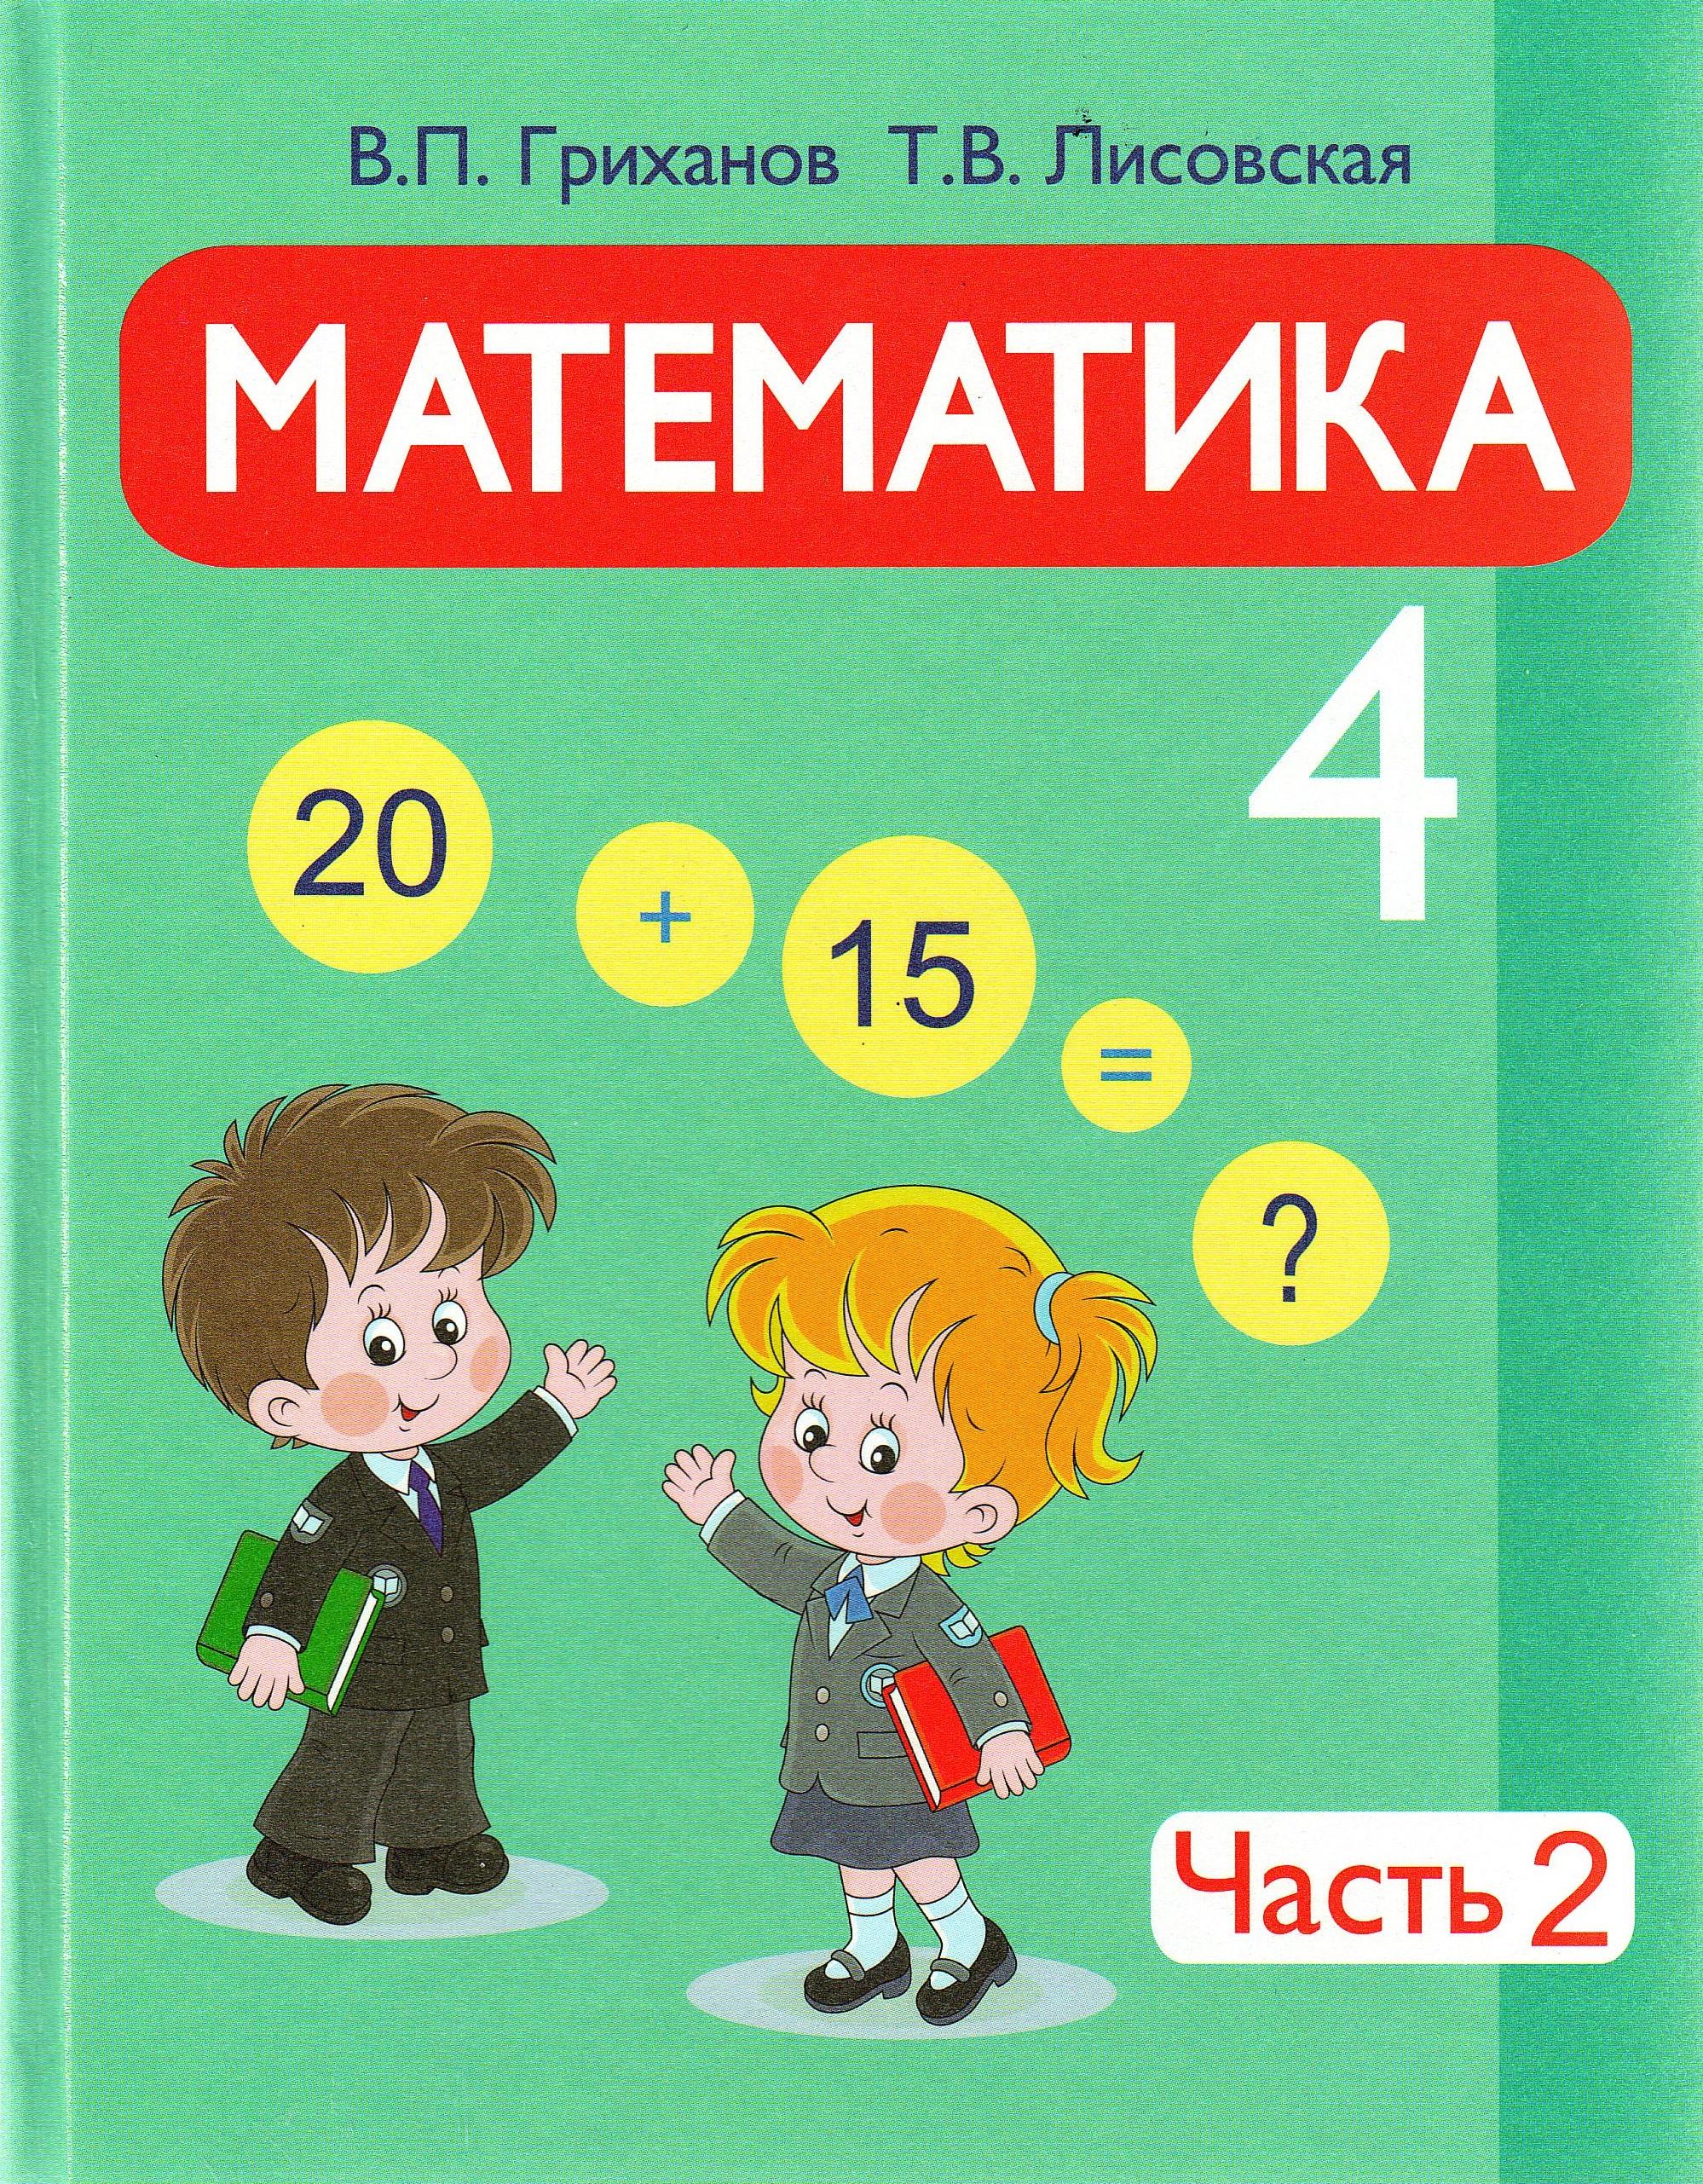 Математика, 4 класс. Часть 2